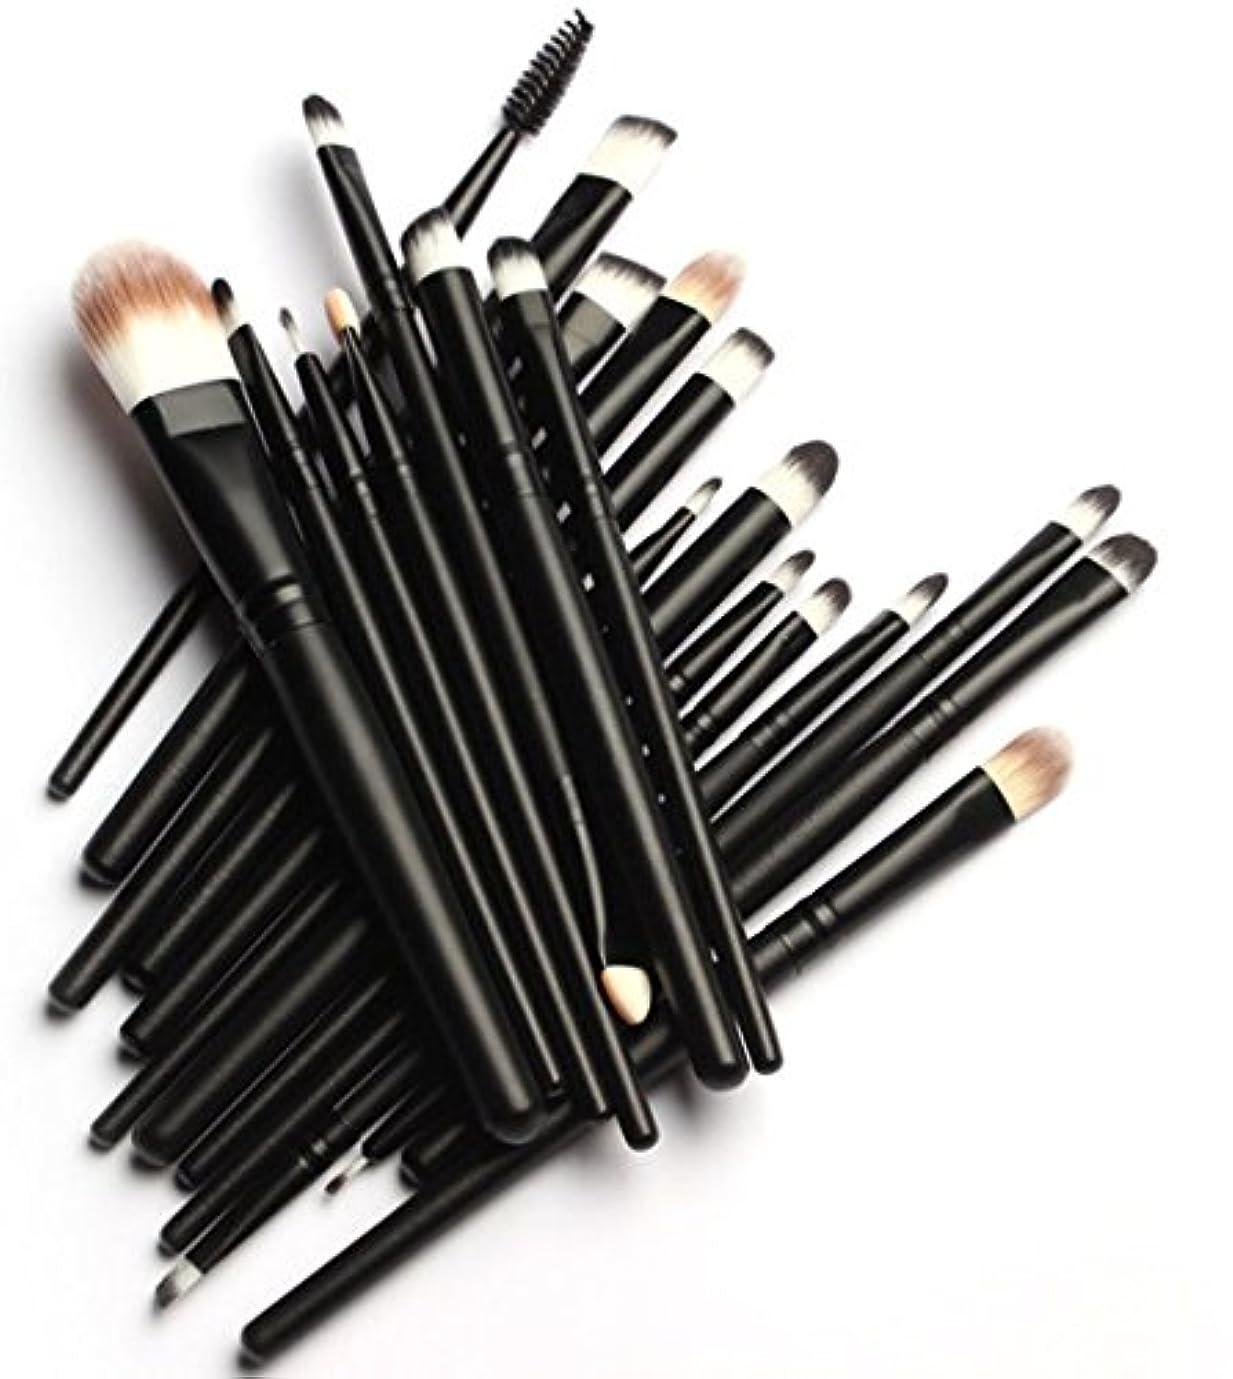 記事オートマトン特徴づける(メイクアップエーシーシー)MakeupAccメイクブラシ20本セット 化粧筆 多機能 柔らかい 黒 化粧セット【並行輸入品】